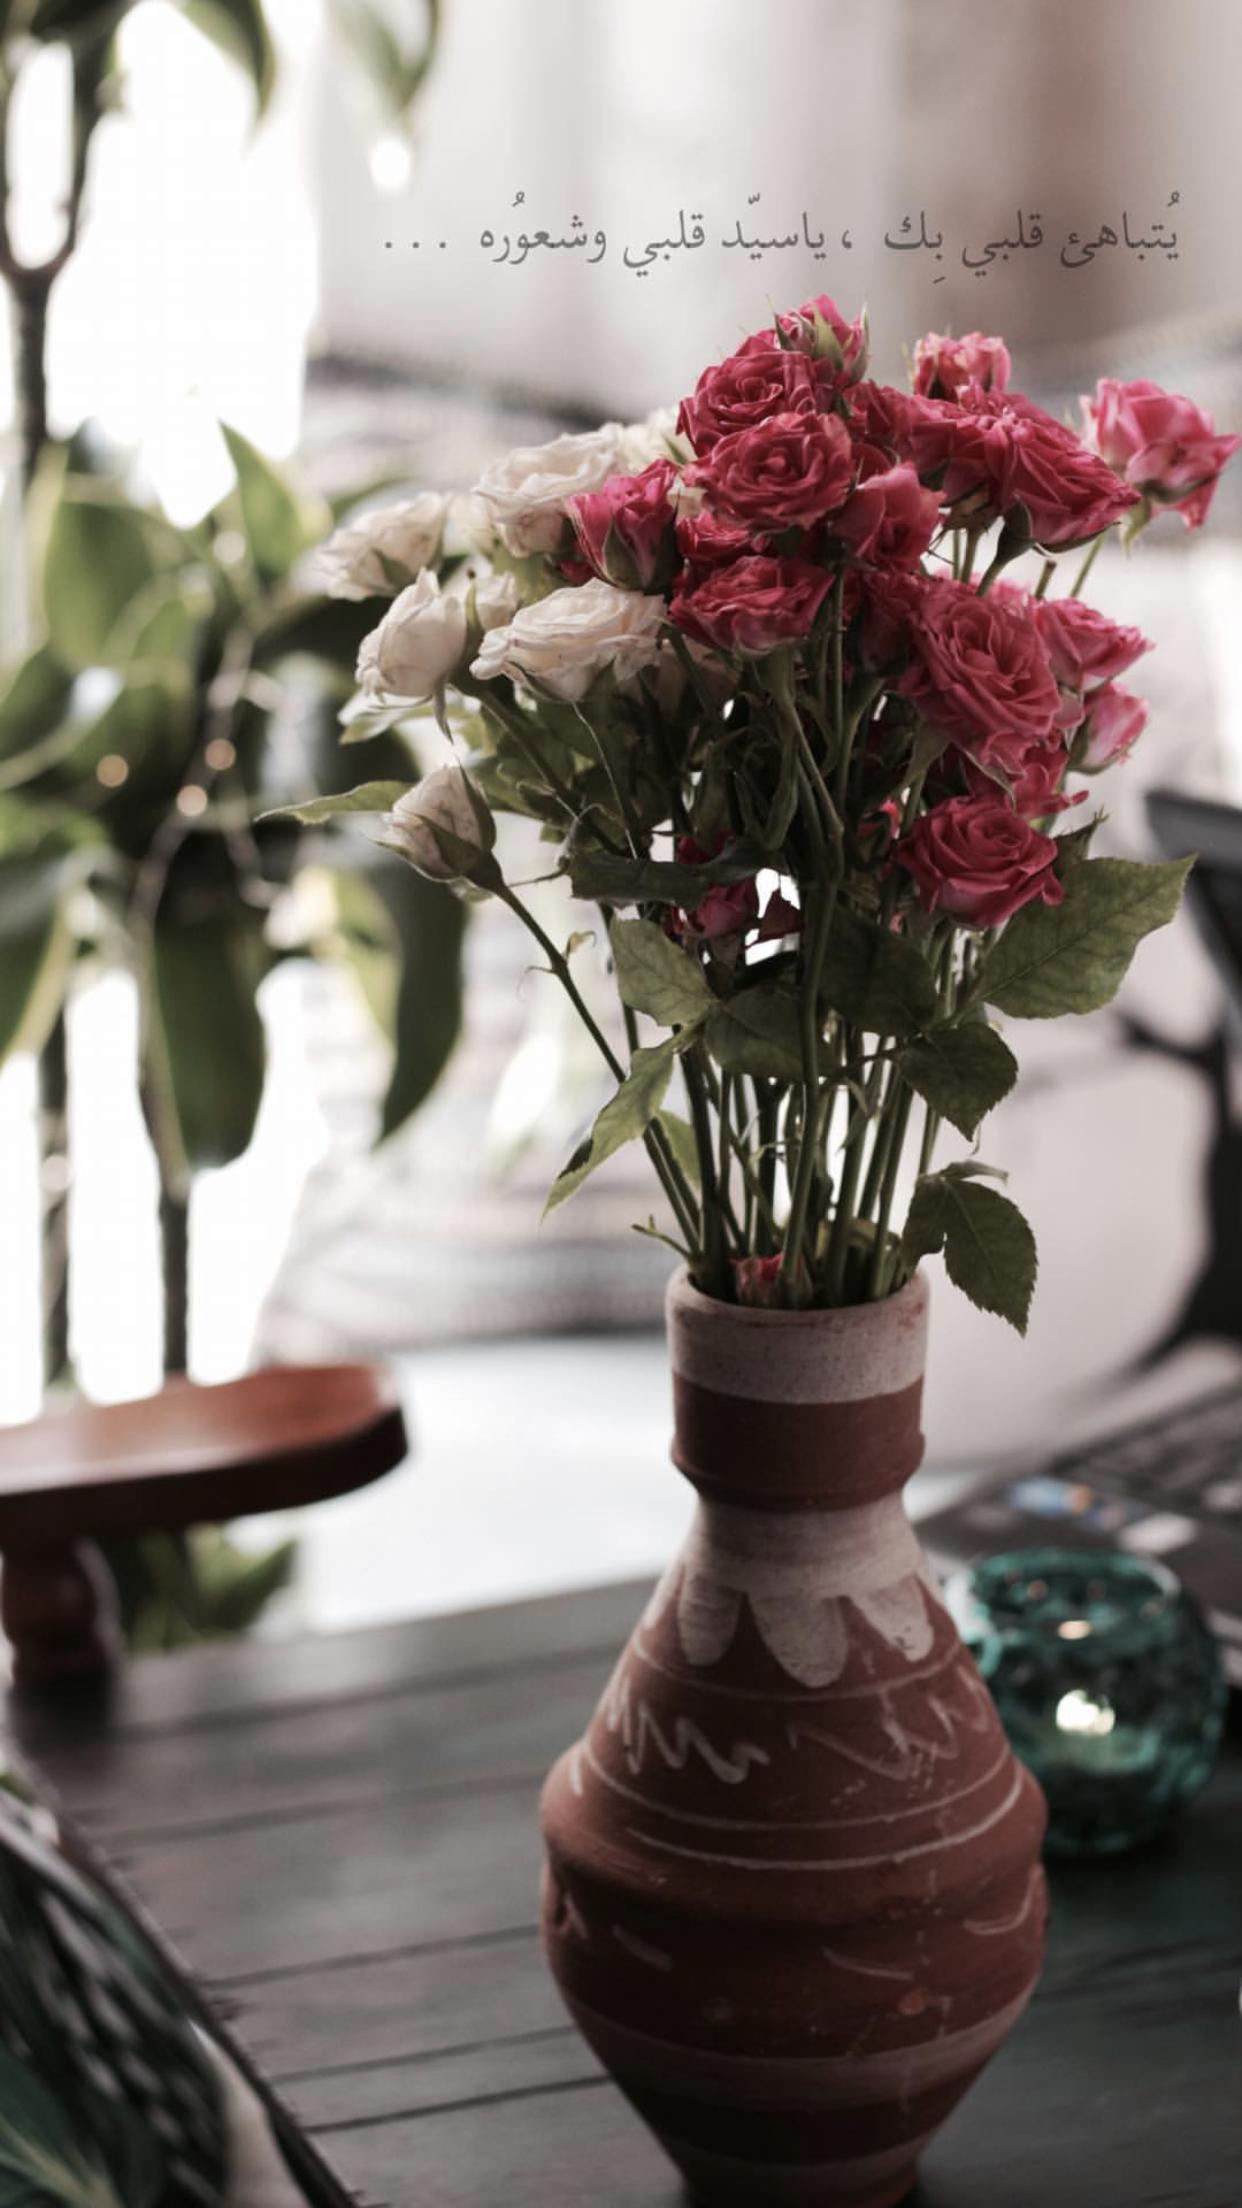 مختارات موضي البليهد by موضي البليهد Flowers, Iphone